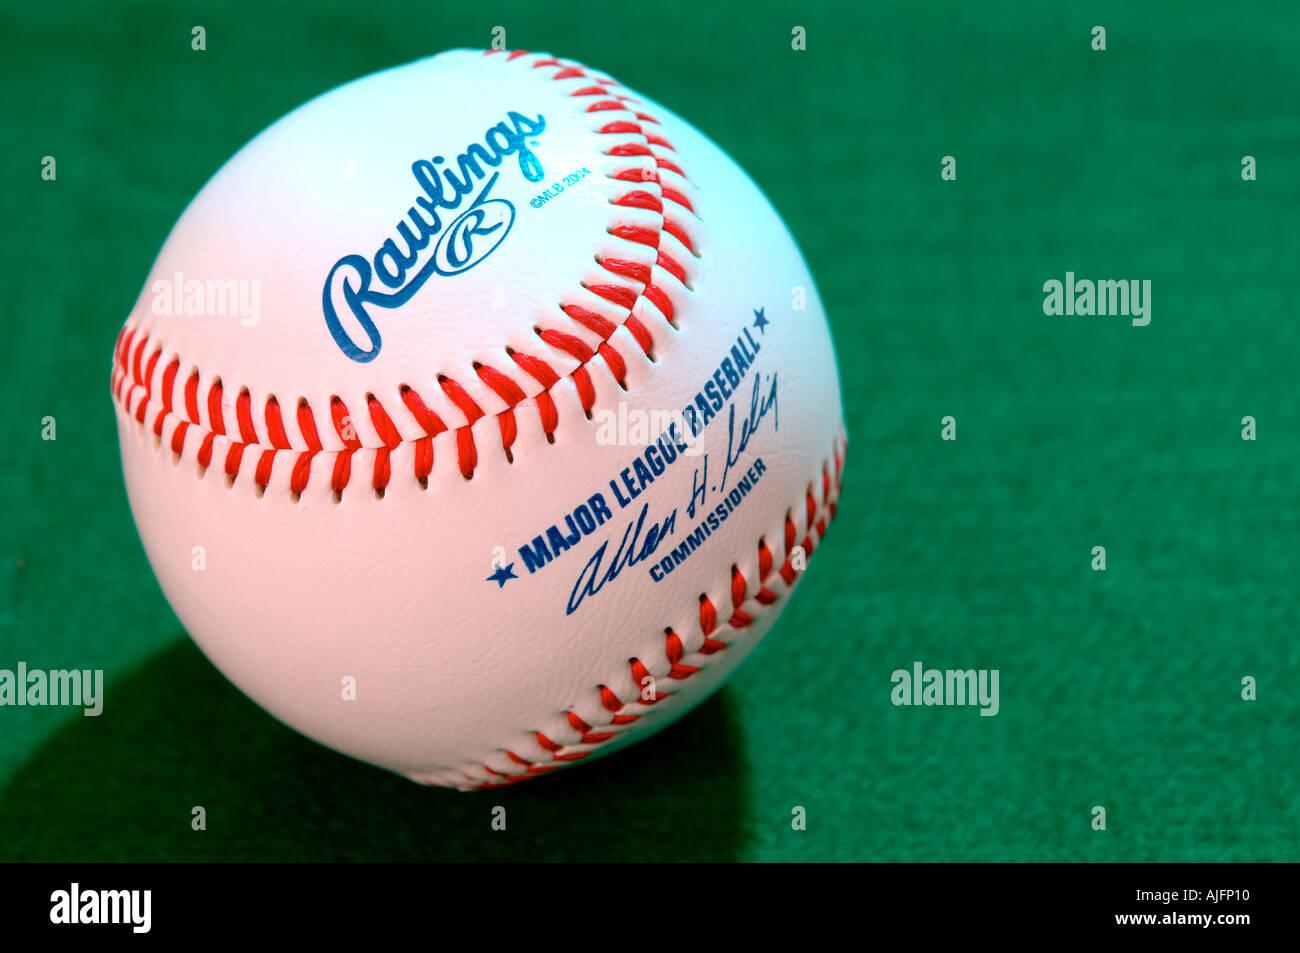 Un américain de baseball blanc sur fond vert. Banque D'Images